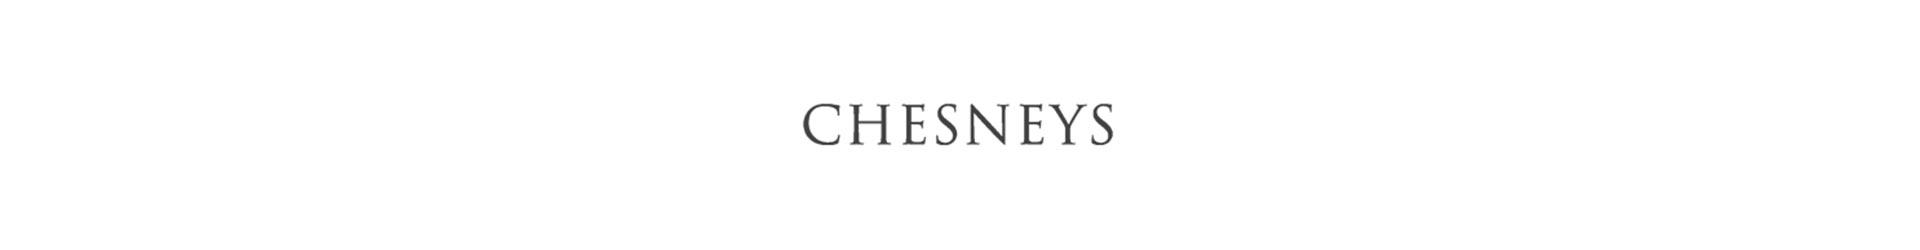 Chesneys-Banner